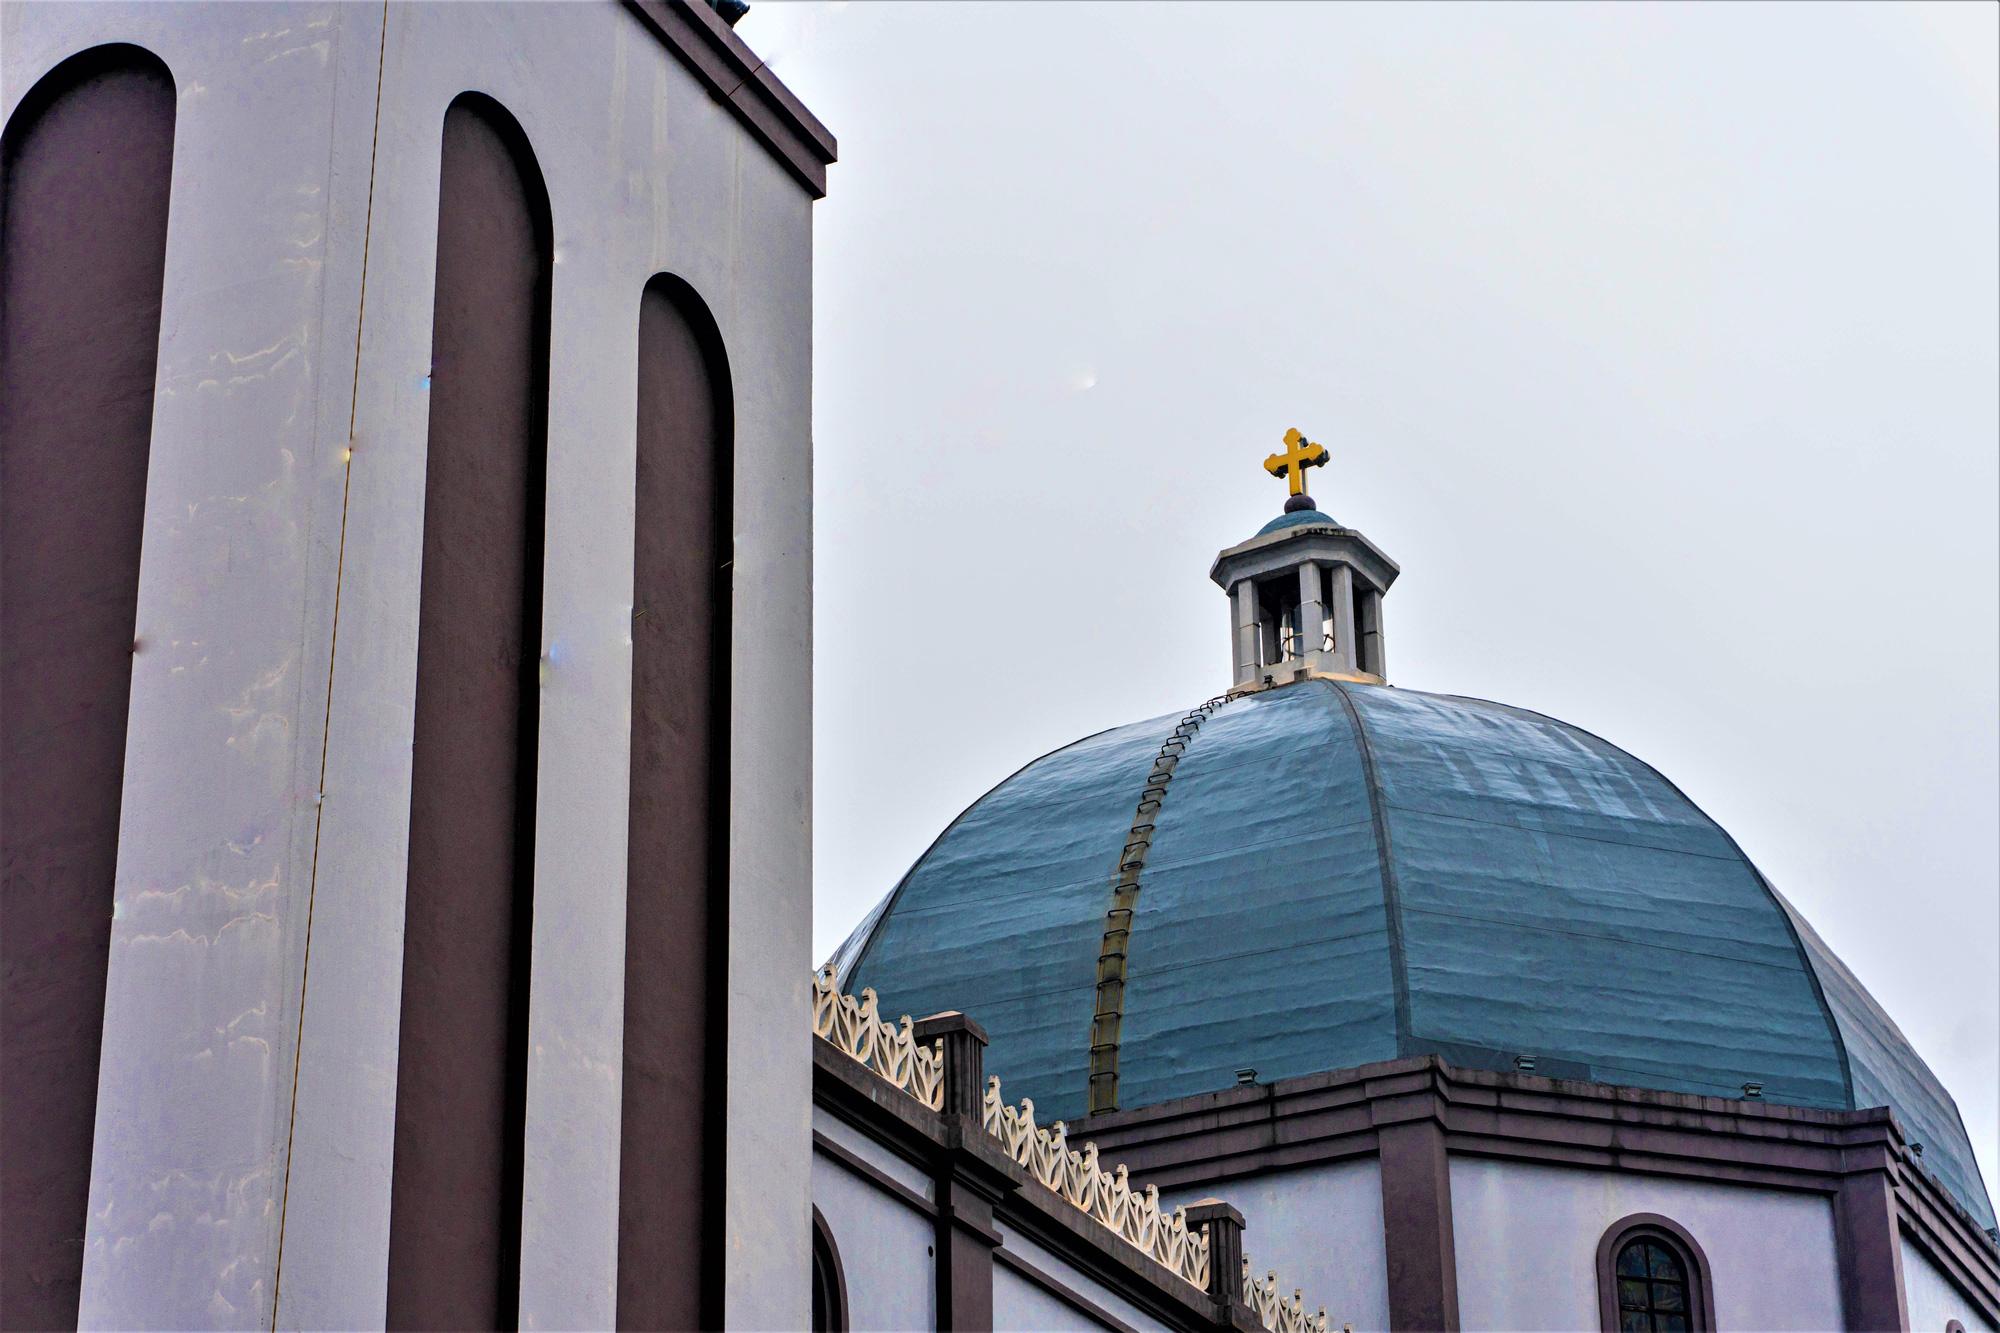 Về thăm nhà thờ Khoái Đồng, nơi thờ hiện thân của ông già Noel - Ảnh 6.